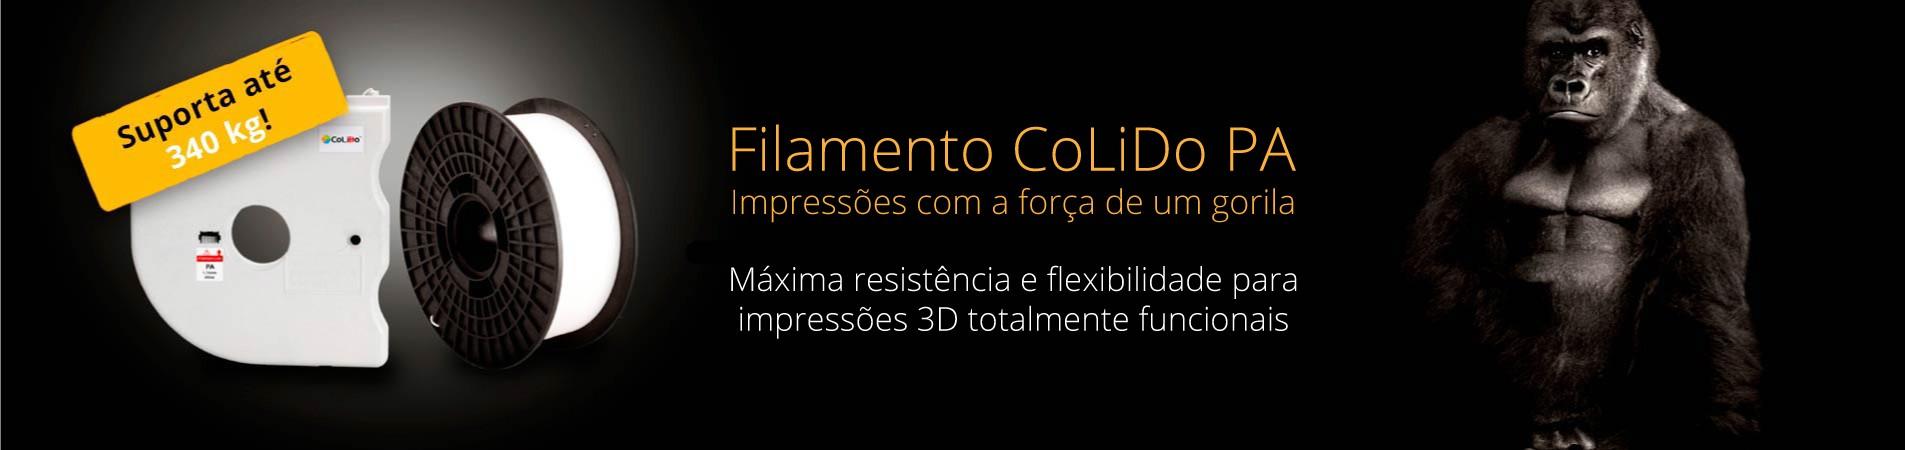 Filamento 3D Colido PA